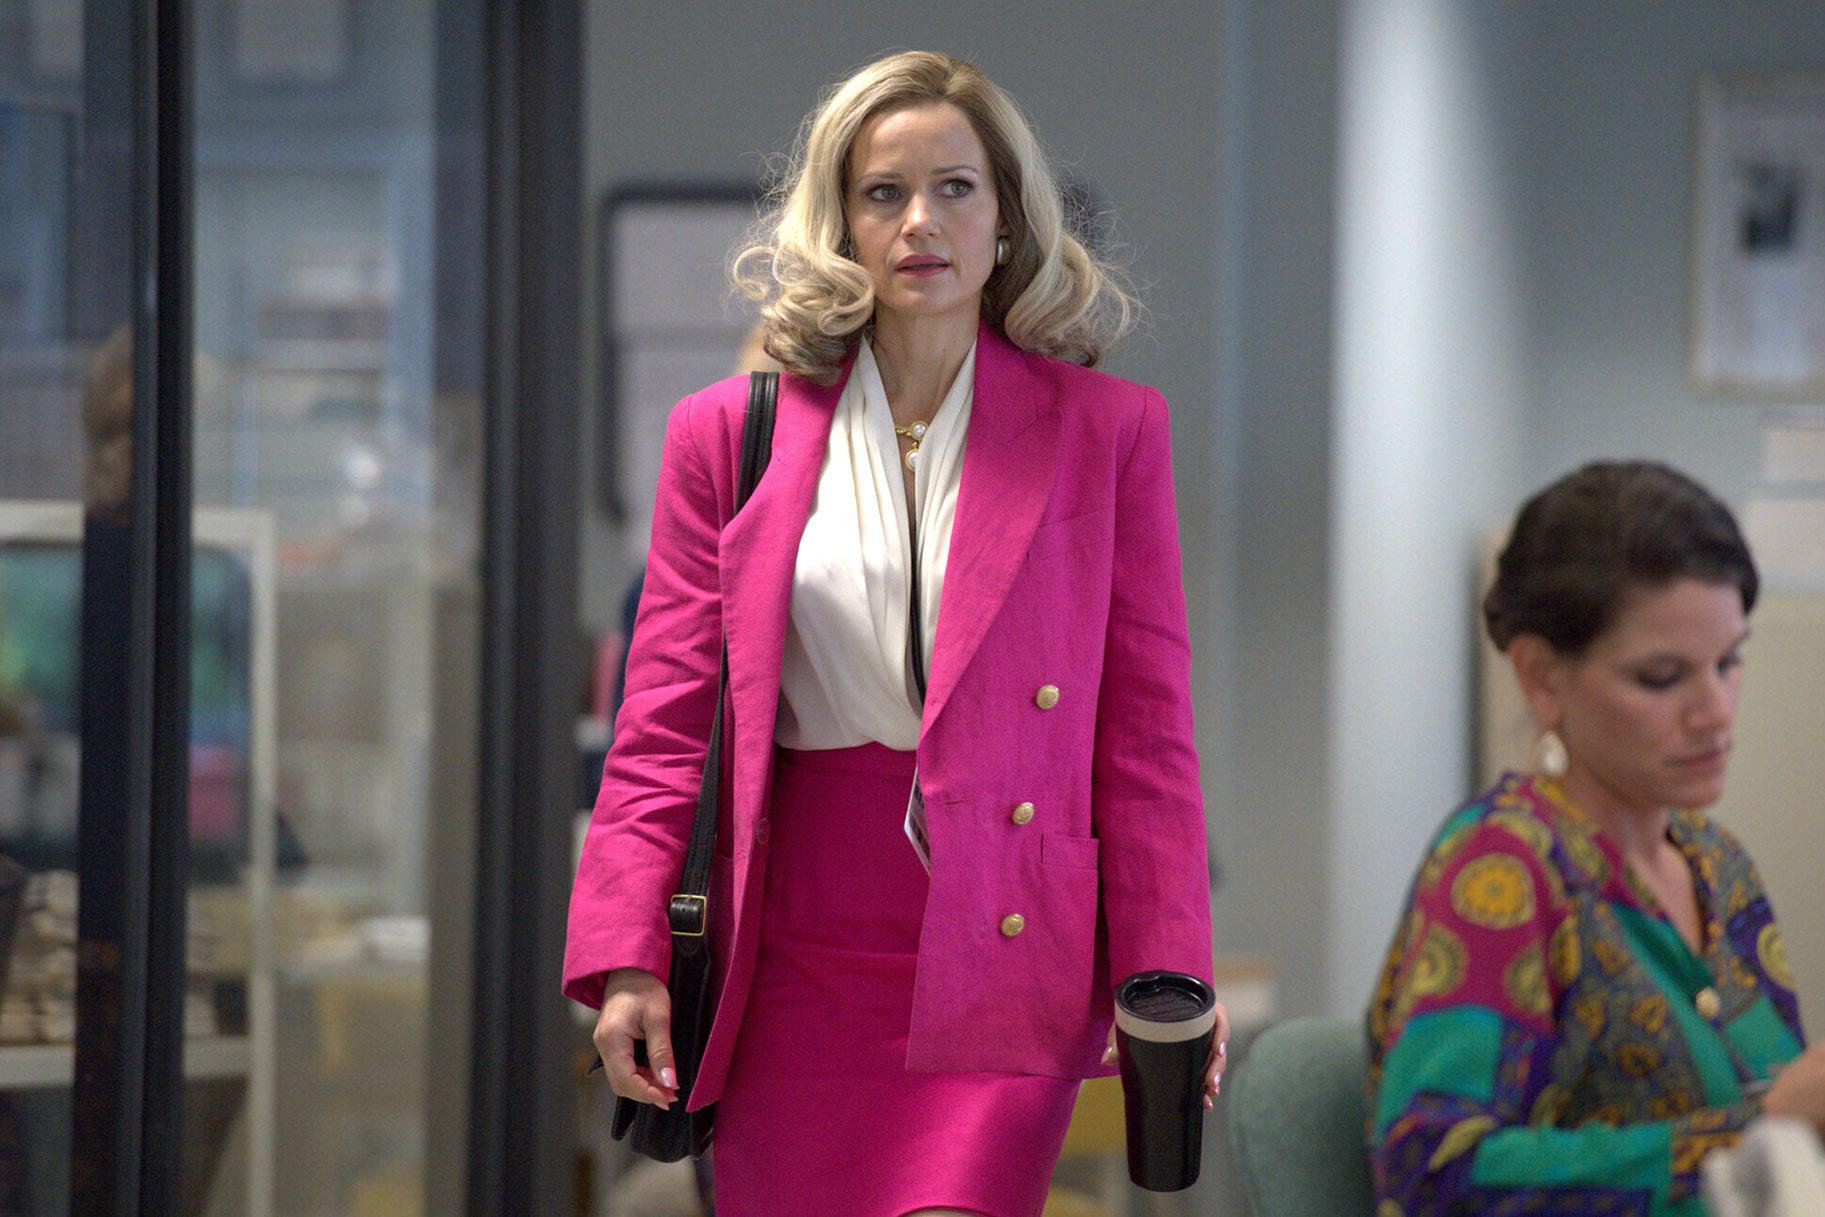 'To mi ni bilo všeč': Nekdanja sostanovalka poročevalke Kathy Scruggs reagira na njeno upodobitev v filmu 'Manhunt: Deadly Games'